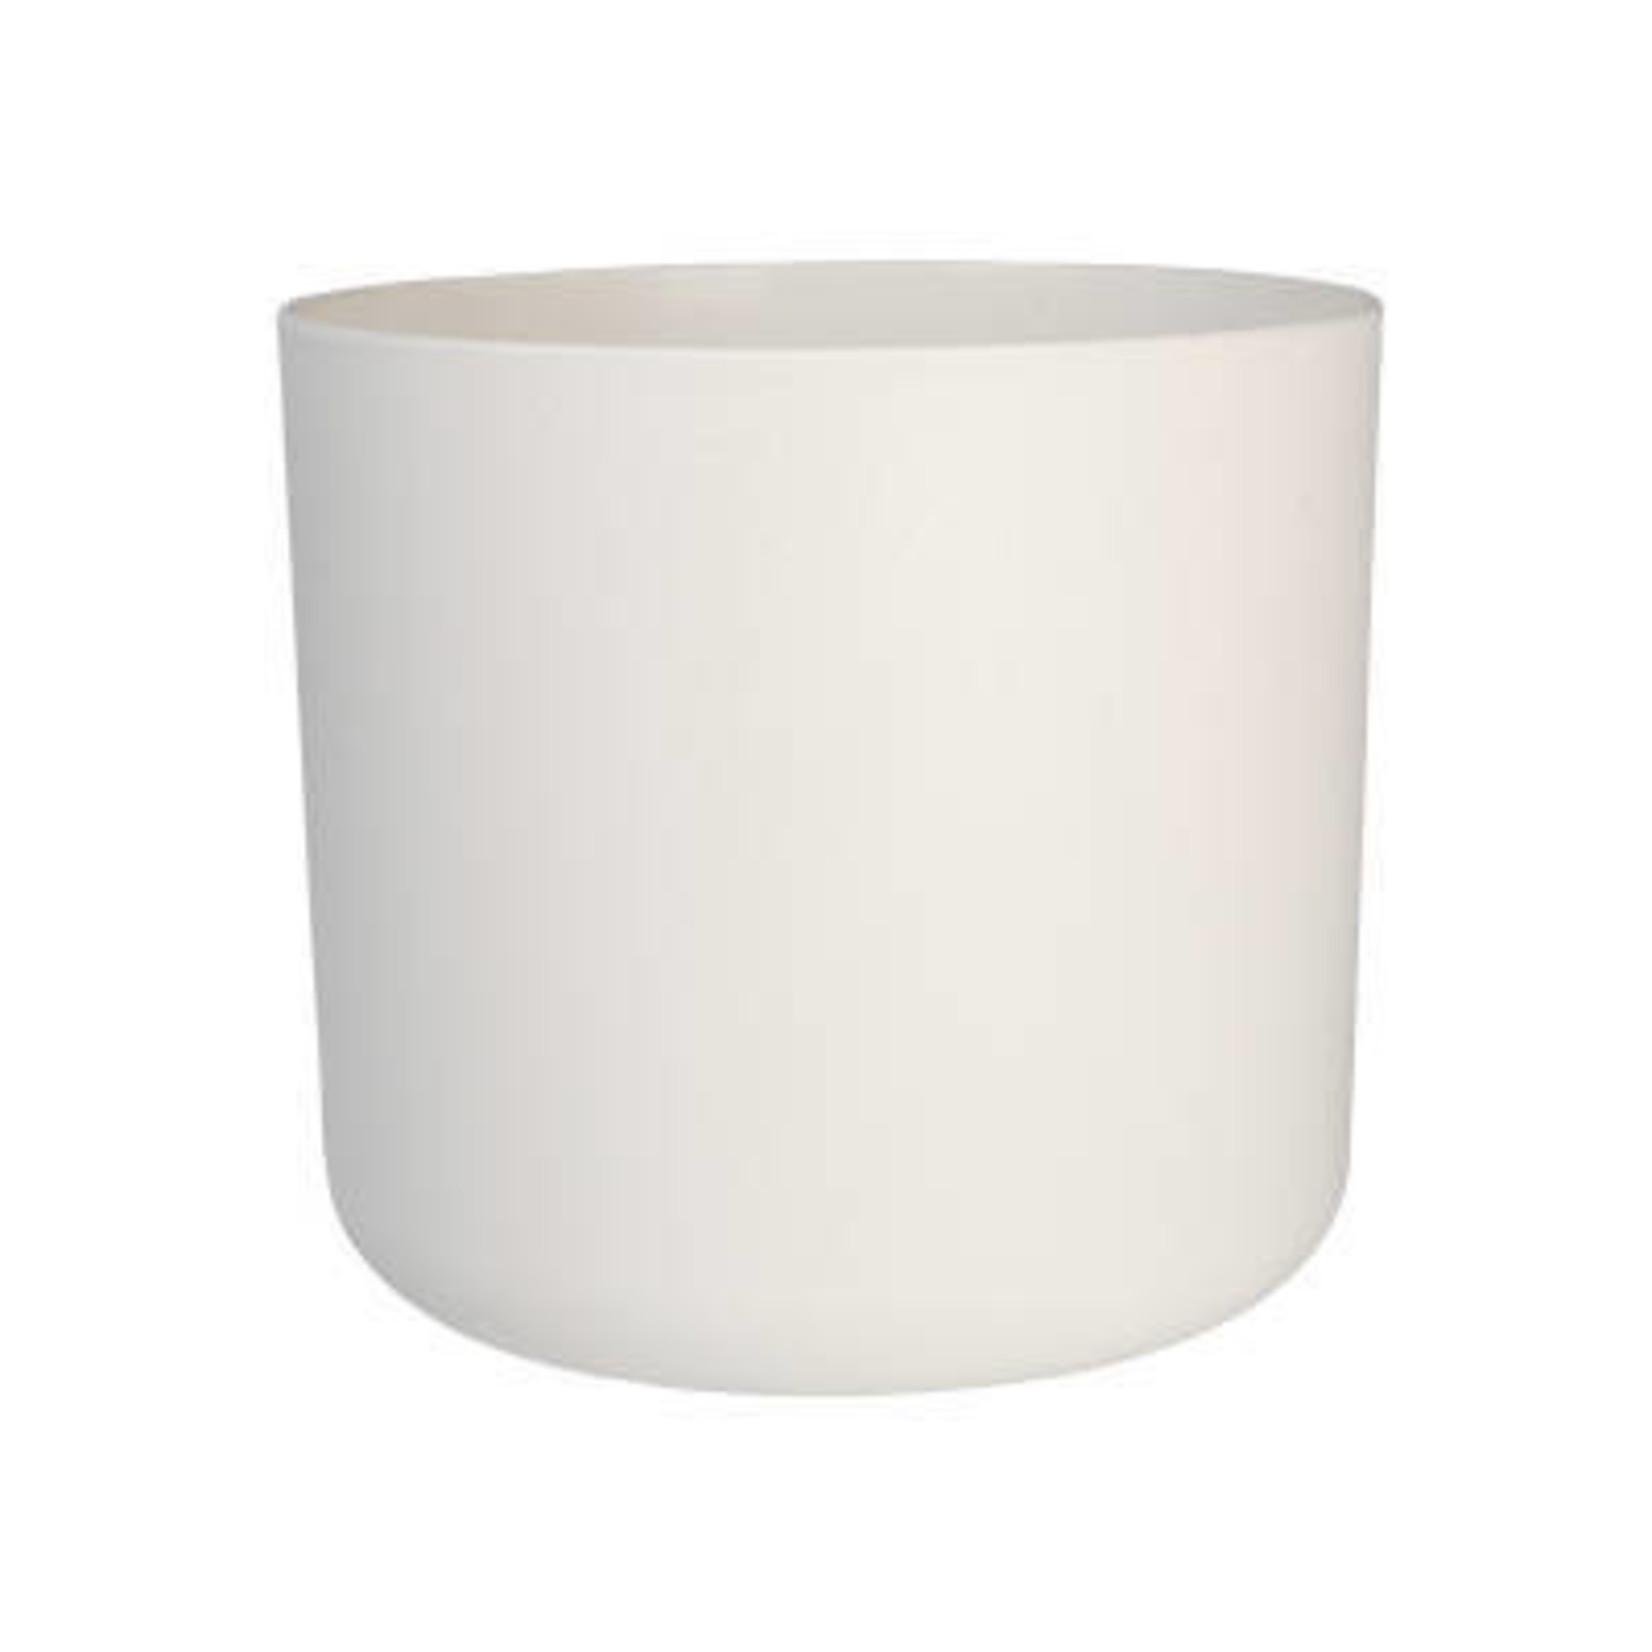 Elho ELHO B.FOR SOFT ROUND 22CM WHITE